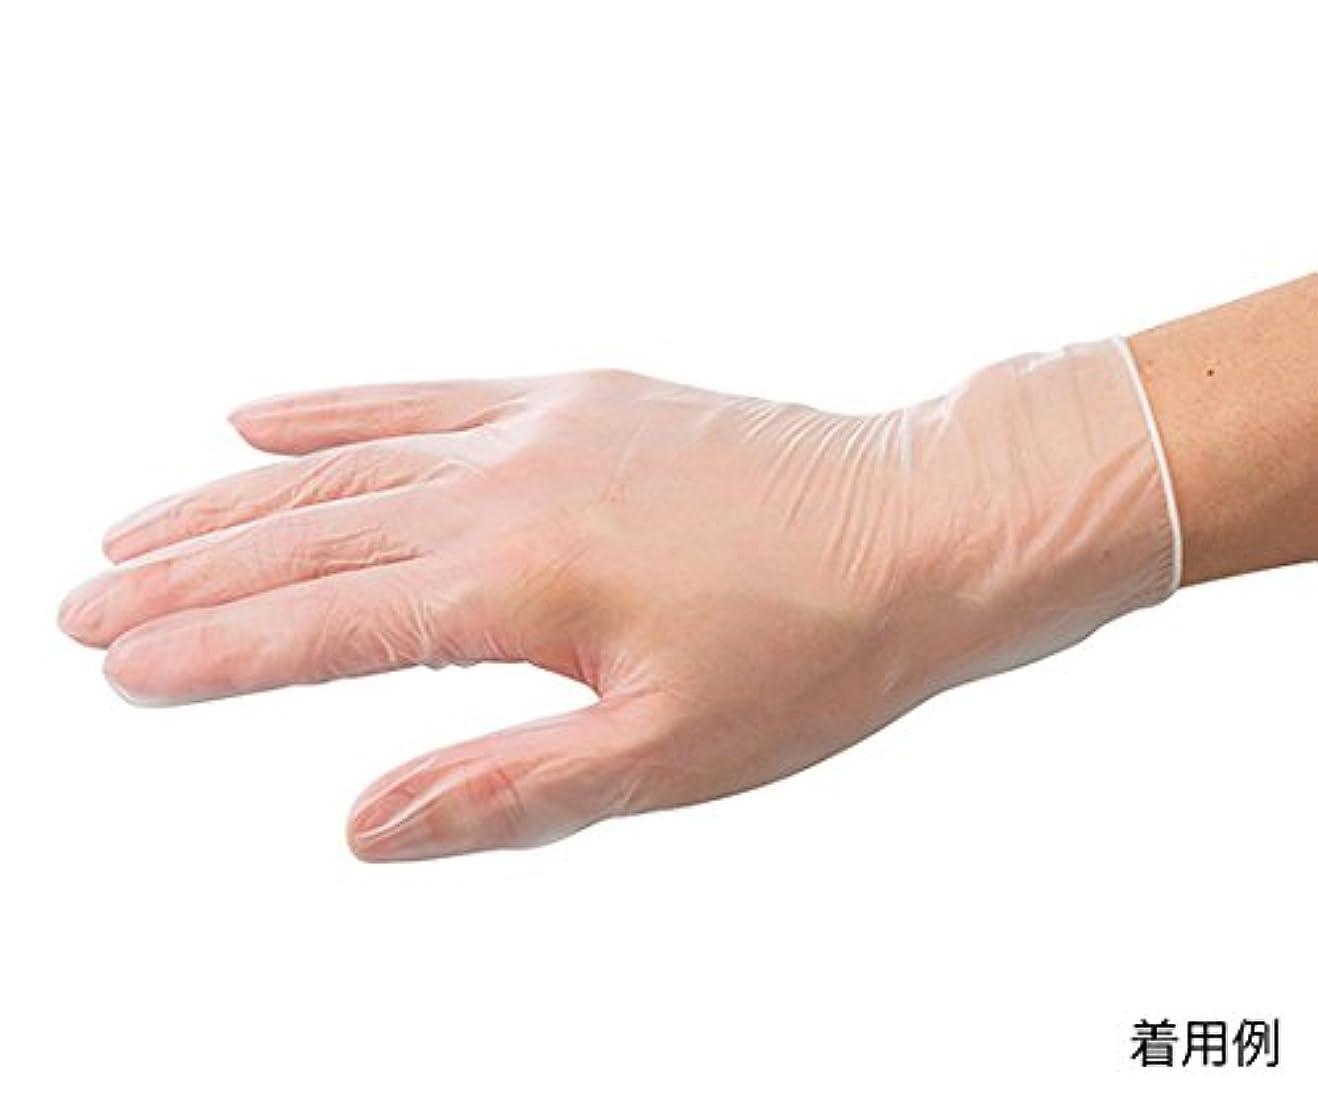 ネイティブ見ました規定ARメディコム?インク?アジアリミテッド7-3726-01バイタルプラスチック手袋(パウダーフリー)S150枚入